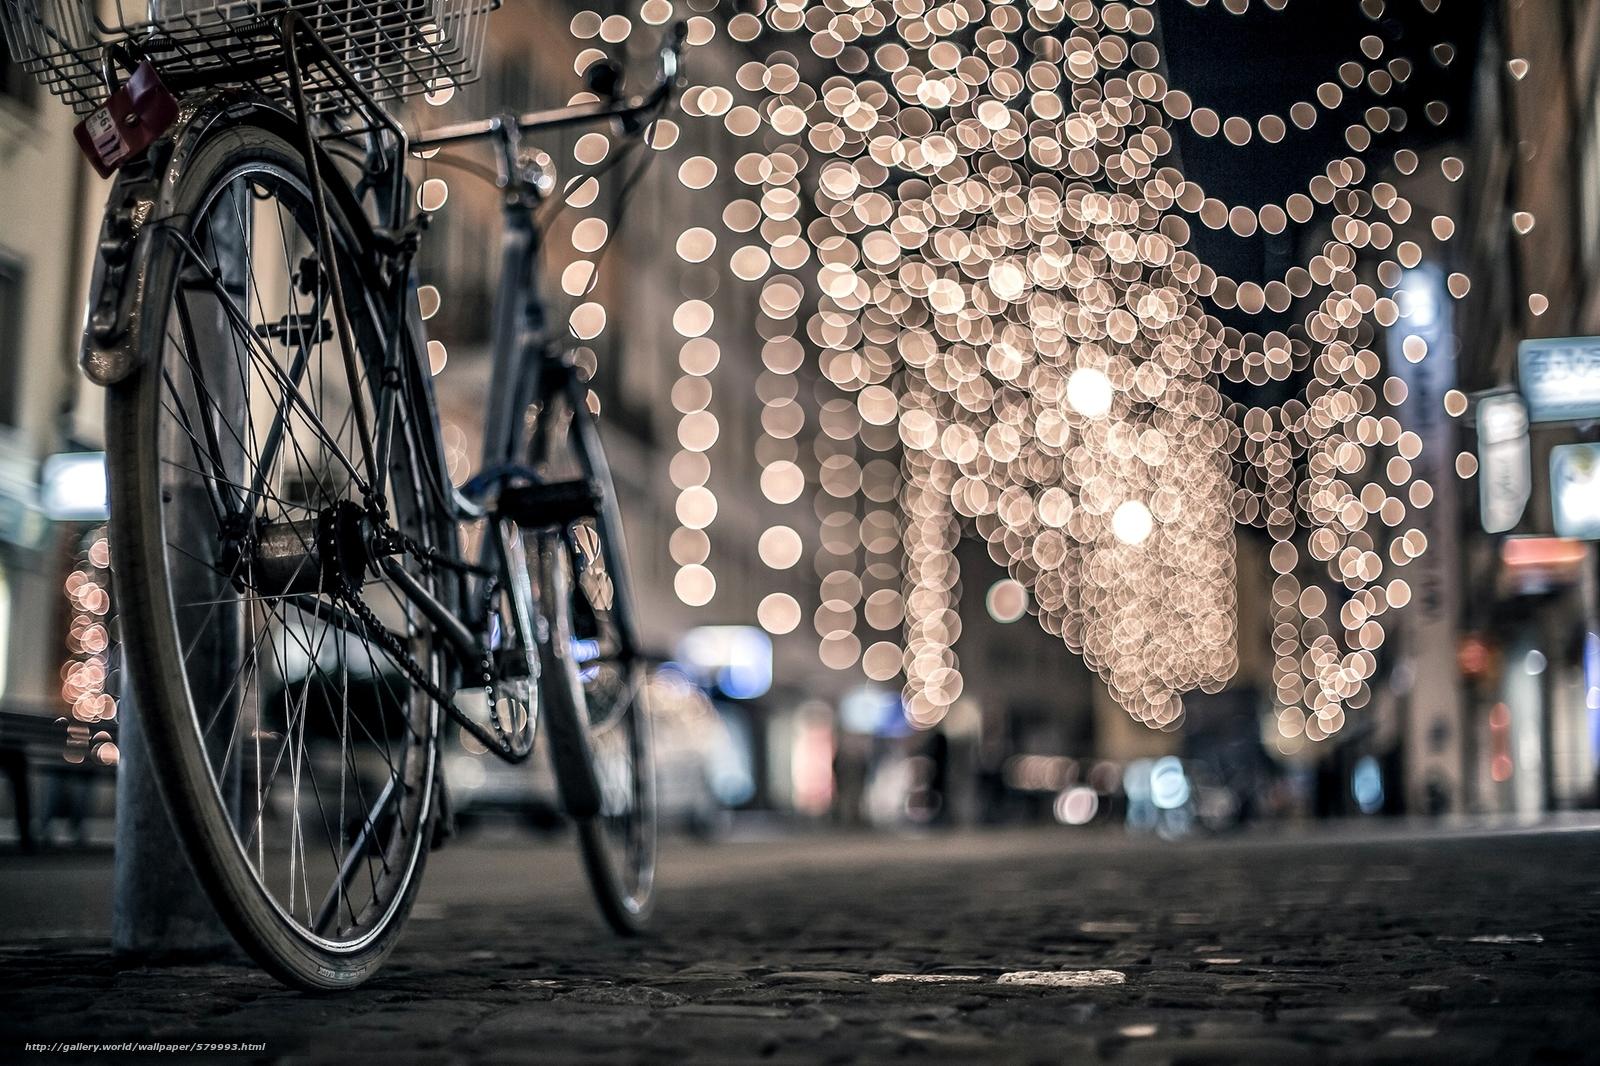 下载壁纸 城市,  自行车,  邮寄,  灯火 免费为您的桌面分辨率的壁纸 2000x1333 — 图片 №579993